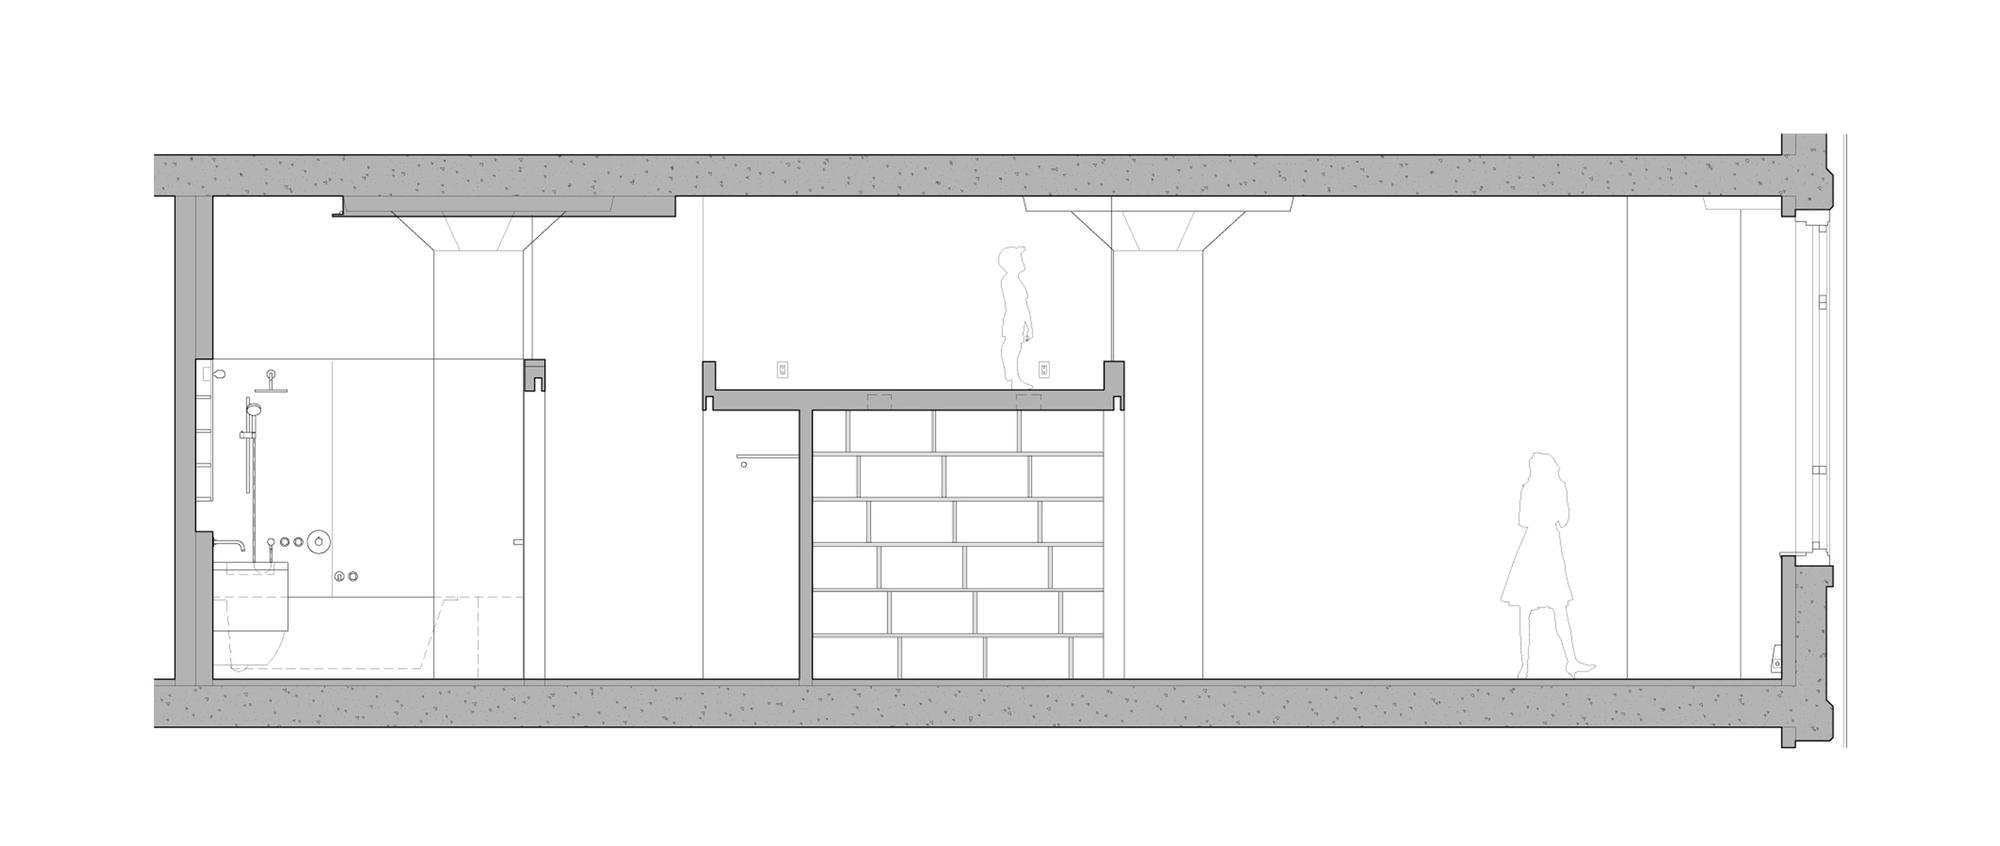 Doehler / Sabo Project (3)